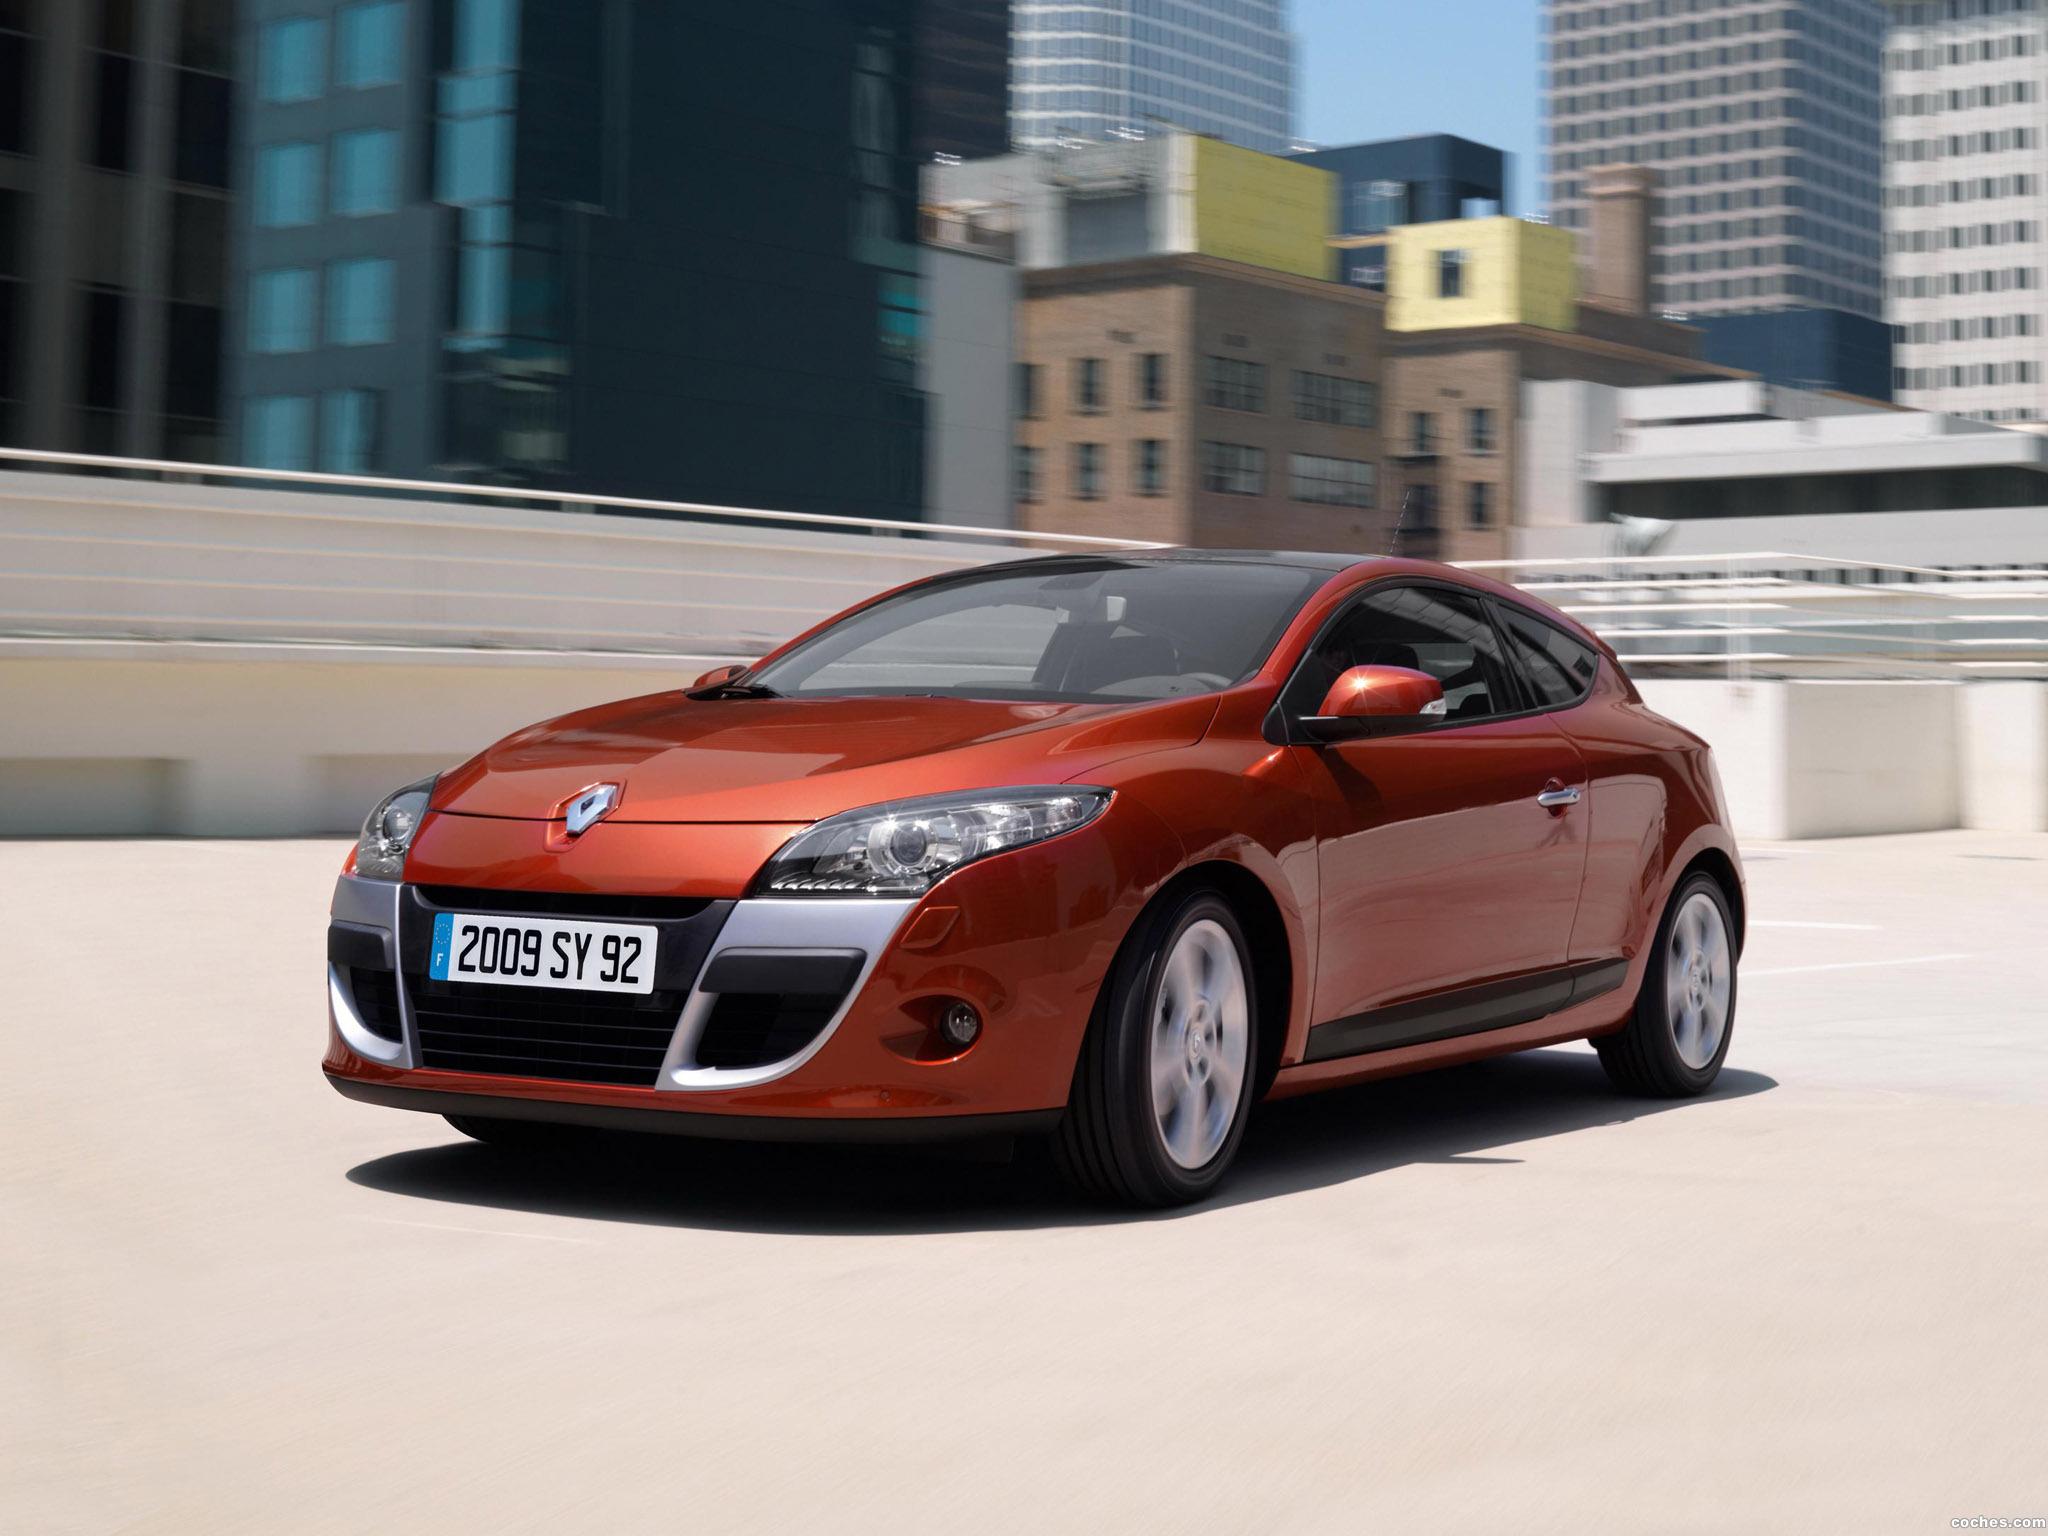 Foto 0 de Renault Megane Coupe 2008